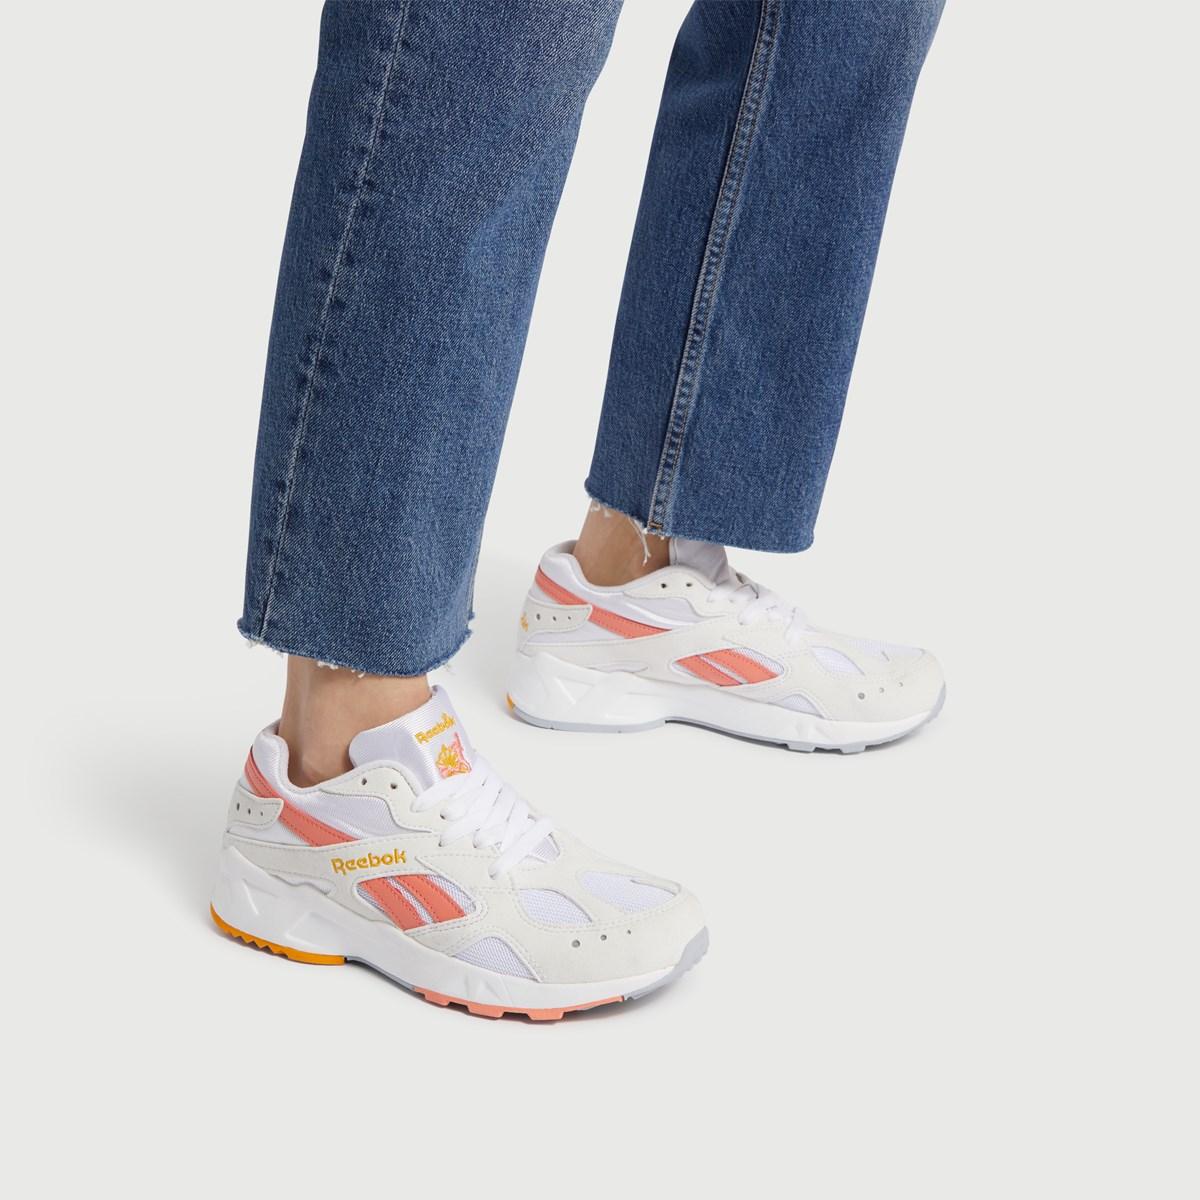 Women's Aztrek Sneaker in Peach